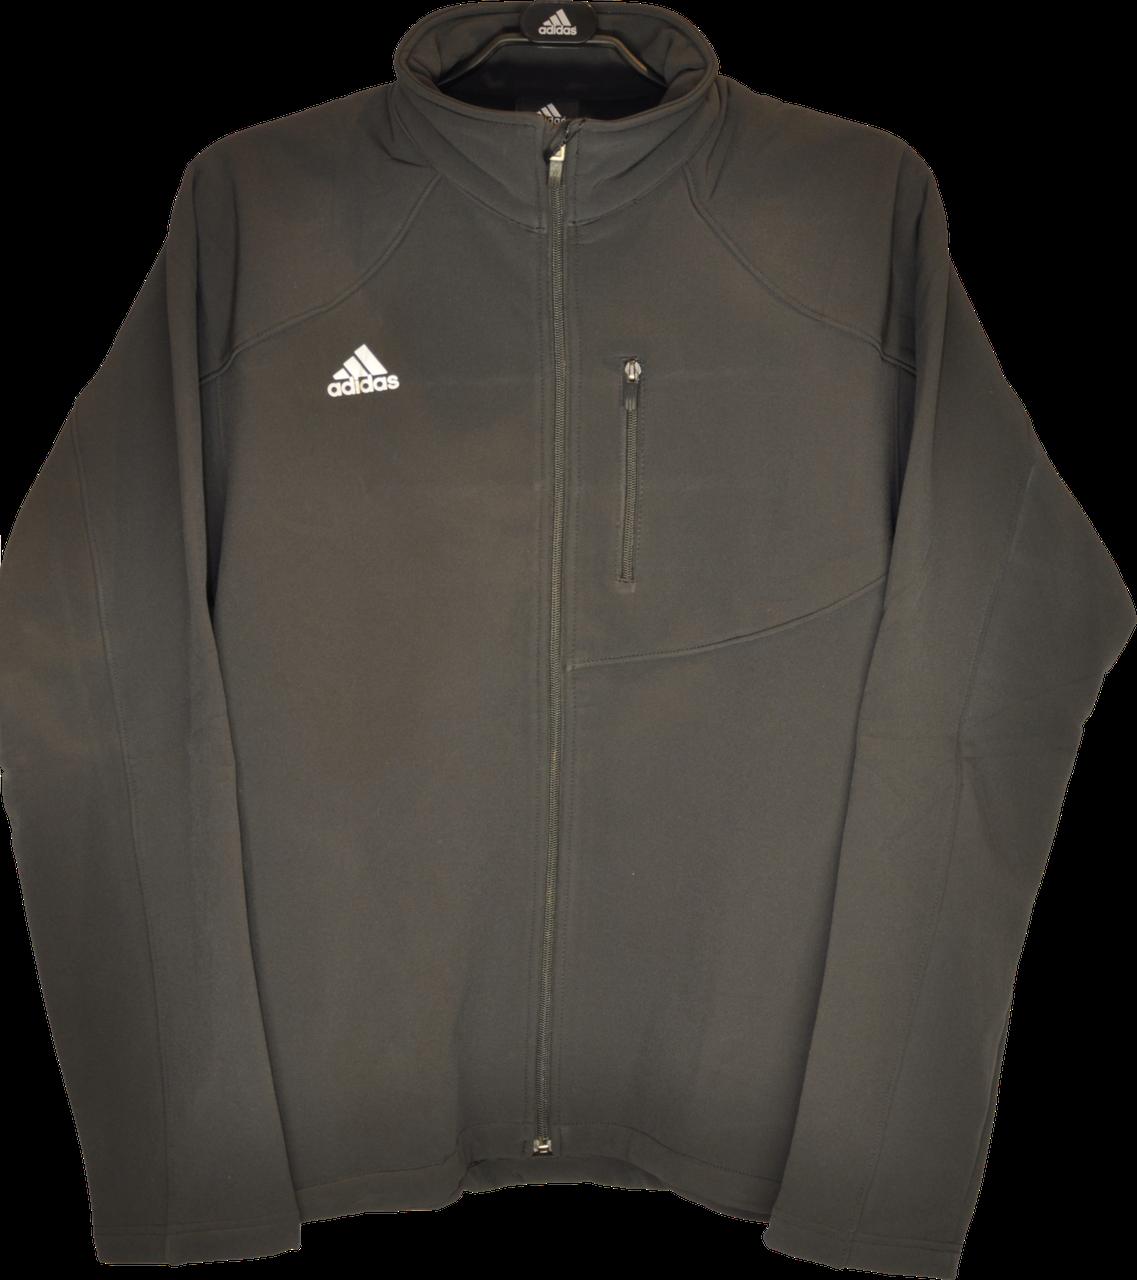 Мужская демисезонная куртка  Adidas.